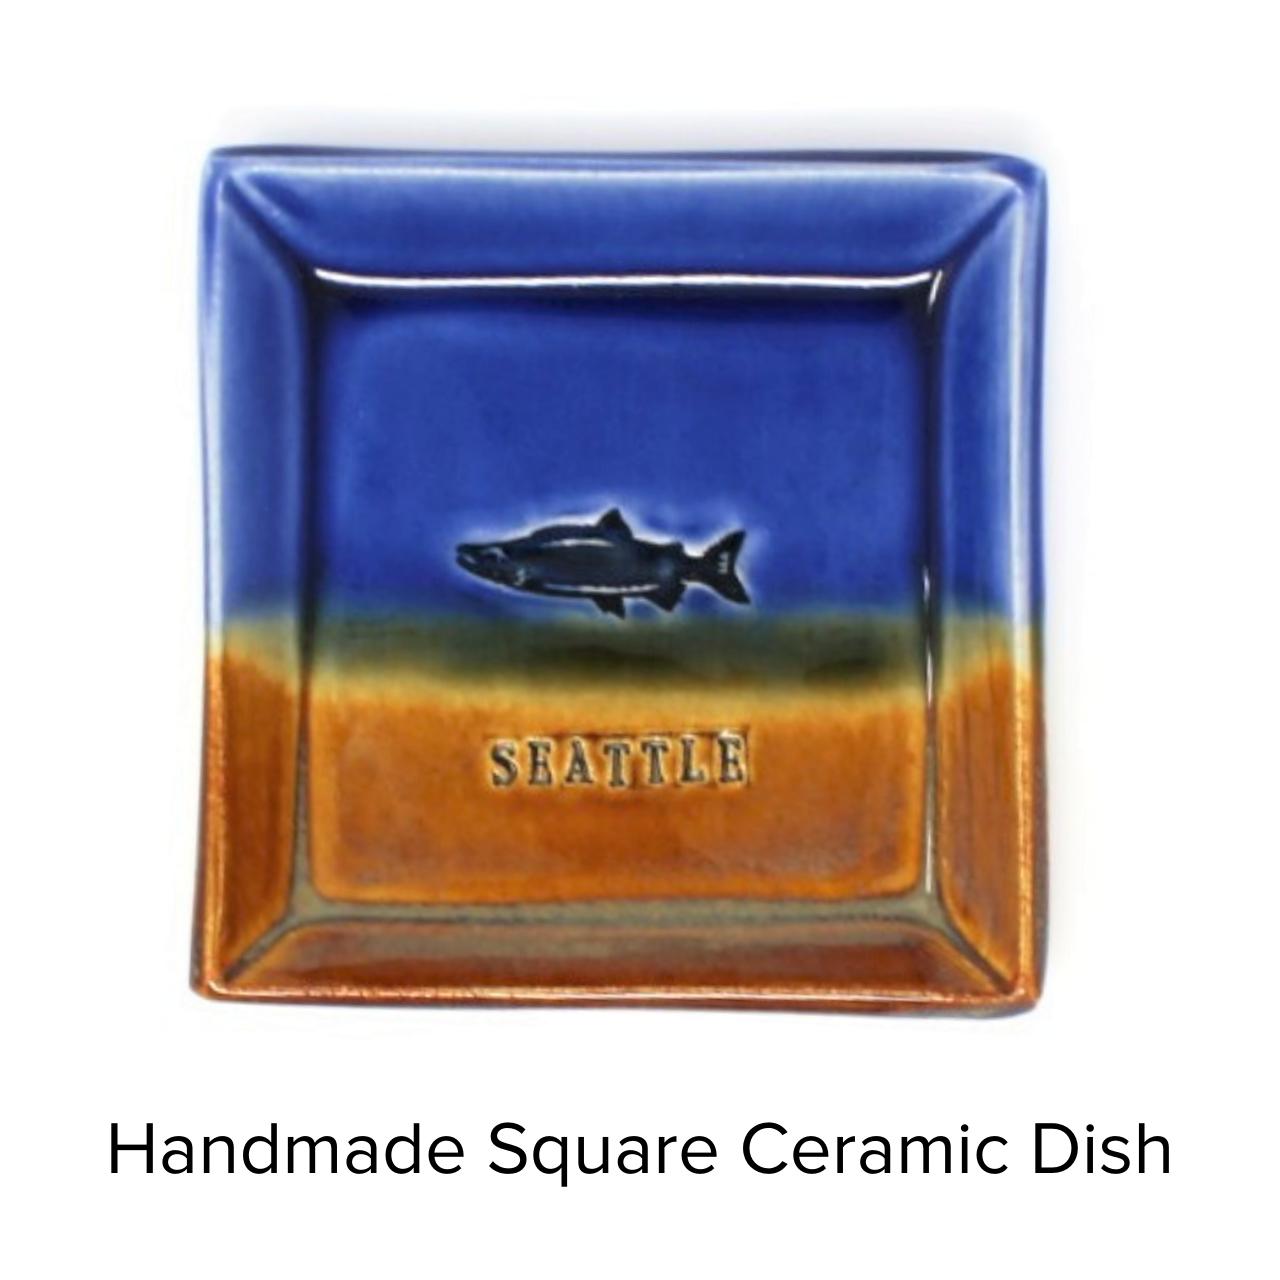 Seattle Ceramic Dish Medium